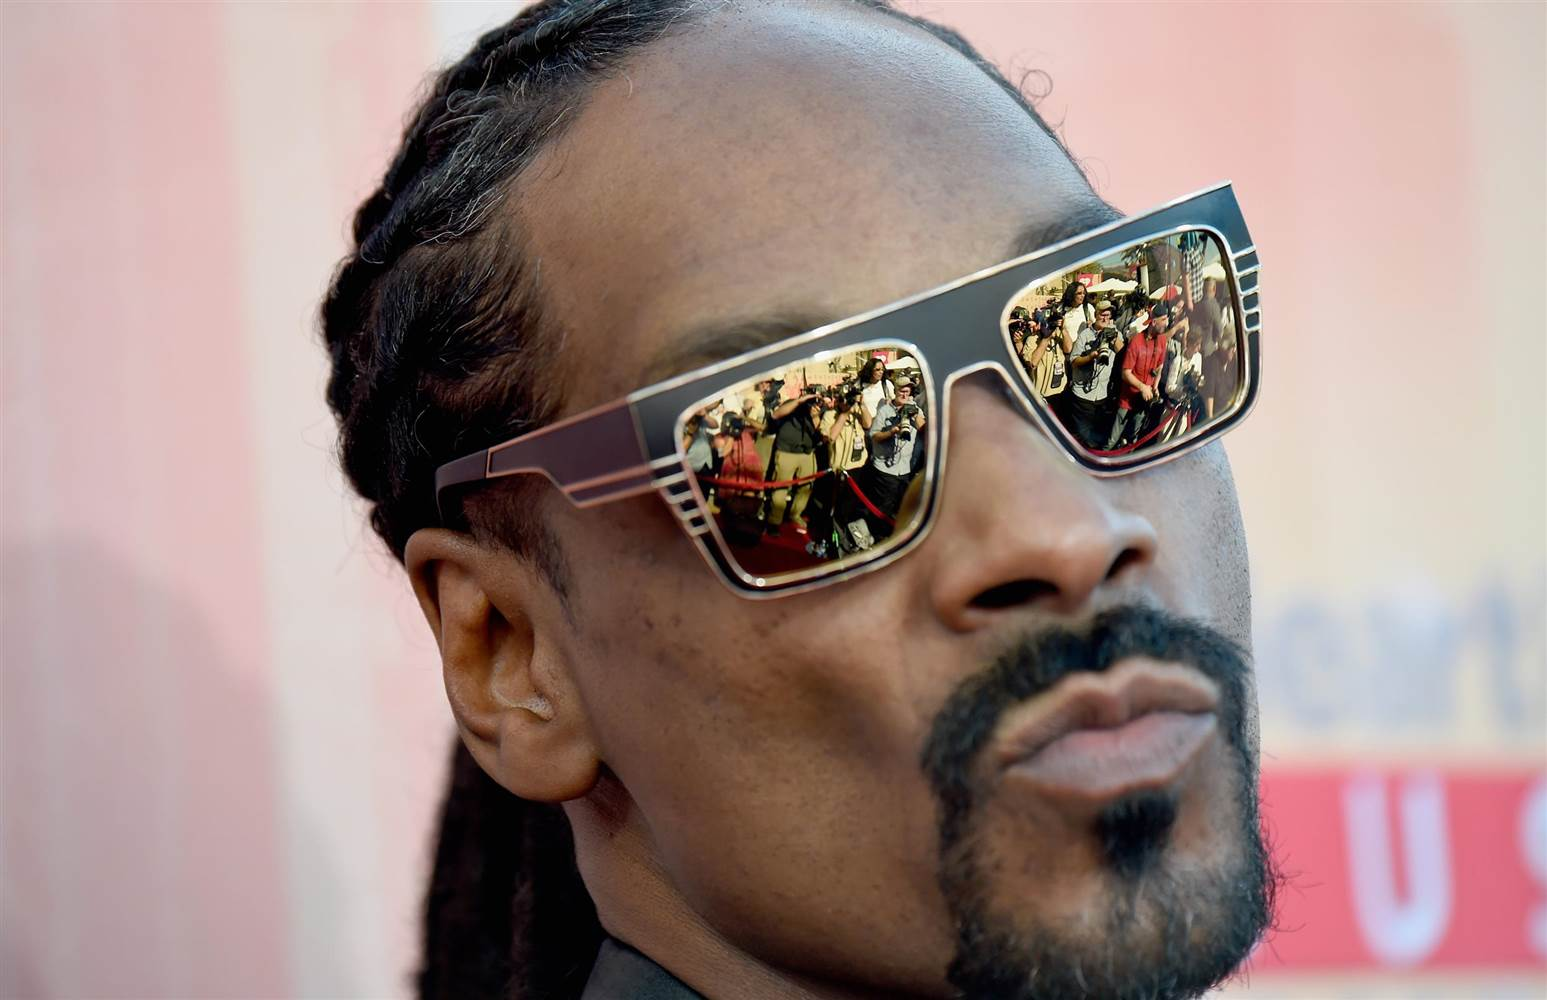 Stream Snoop Dogg's New Album 'Neva Left'